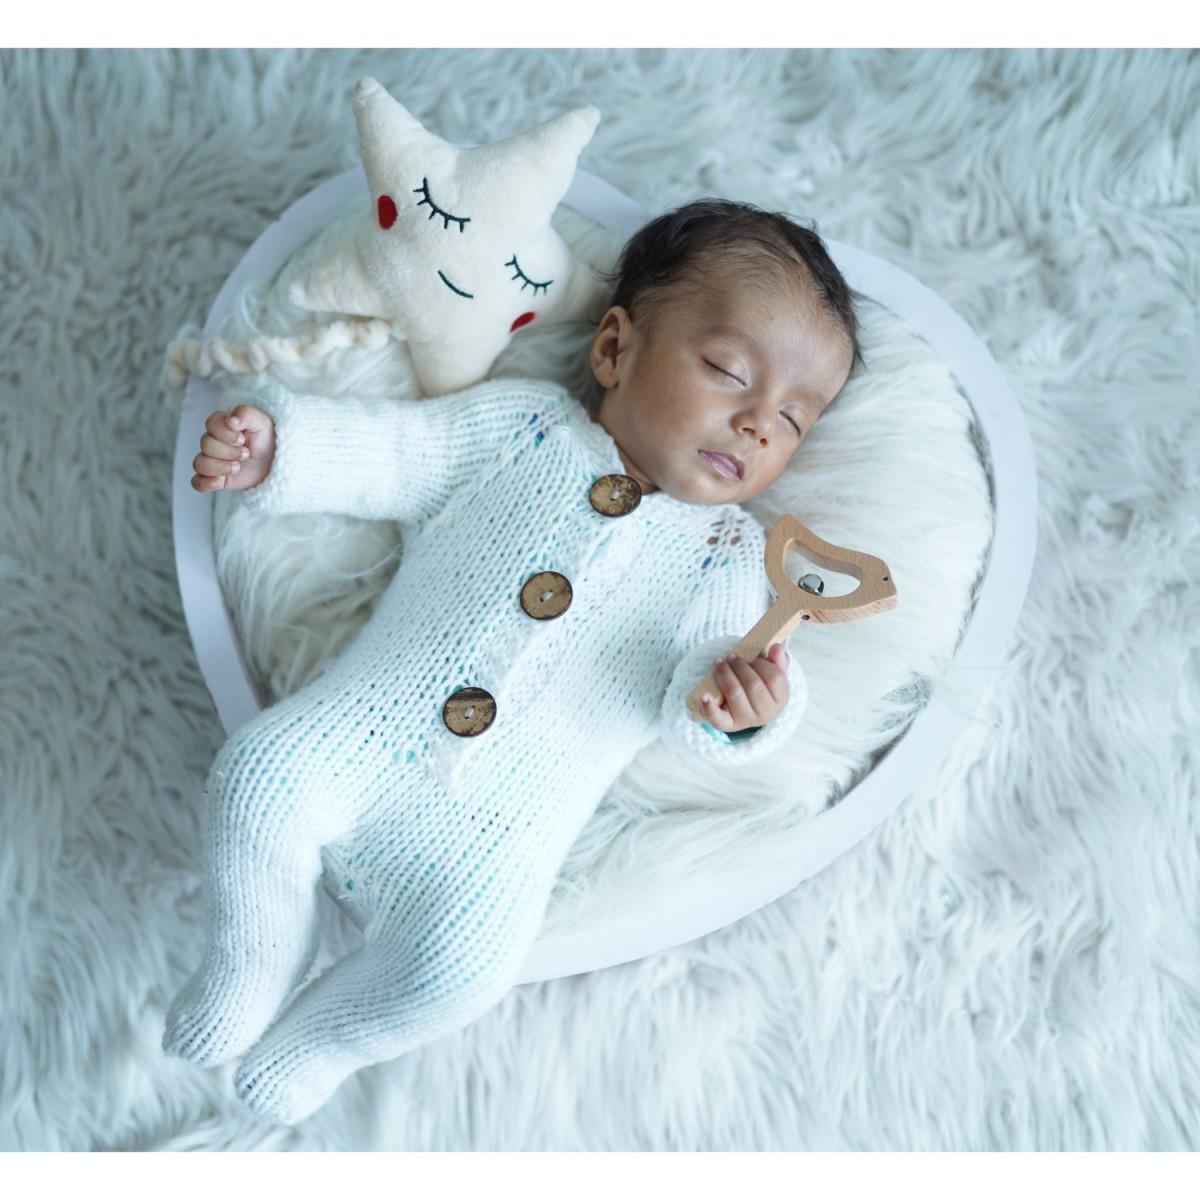 Newborn Playkit - A Whole New World